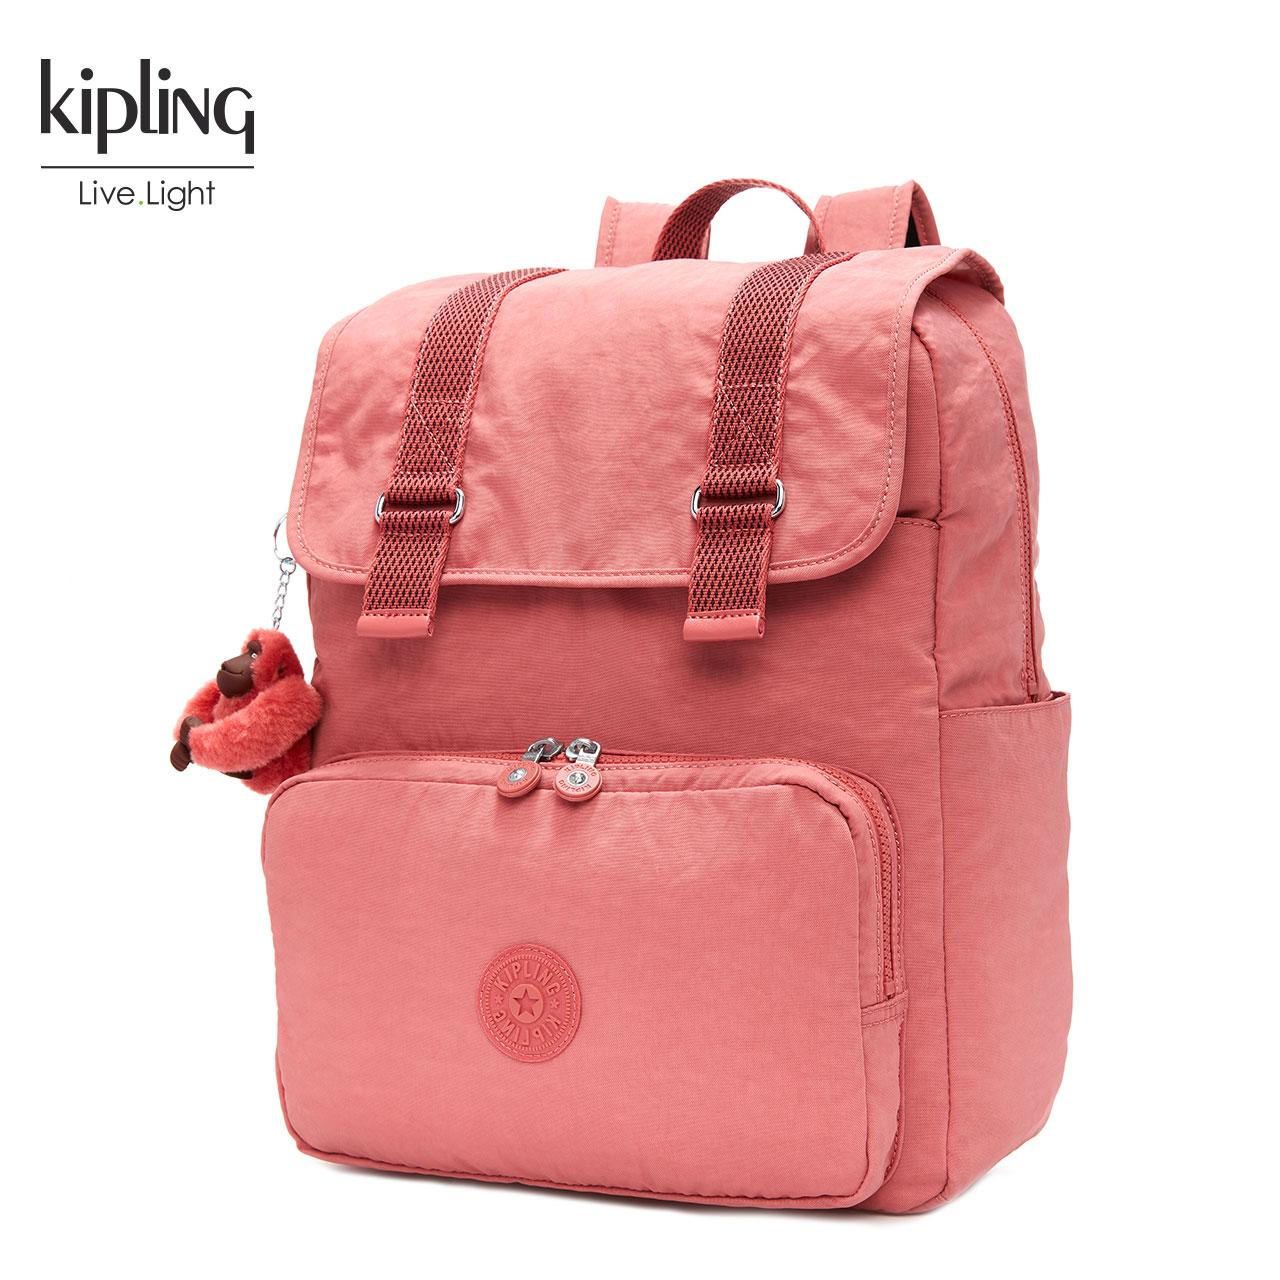 Kipling凯浦林2018新款秋冬新女包K00935女式时尚潮流双肩背包